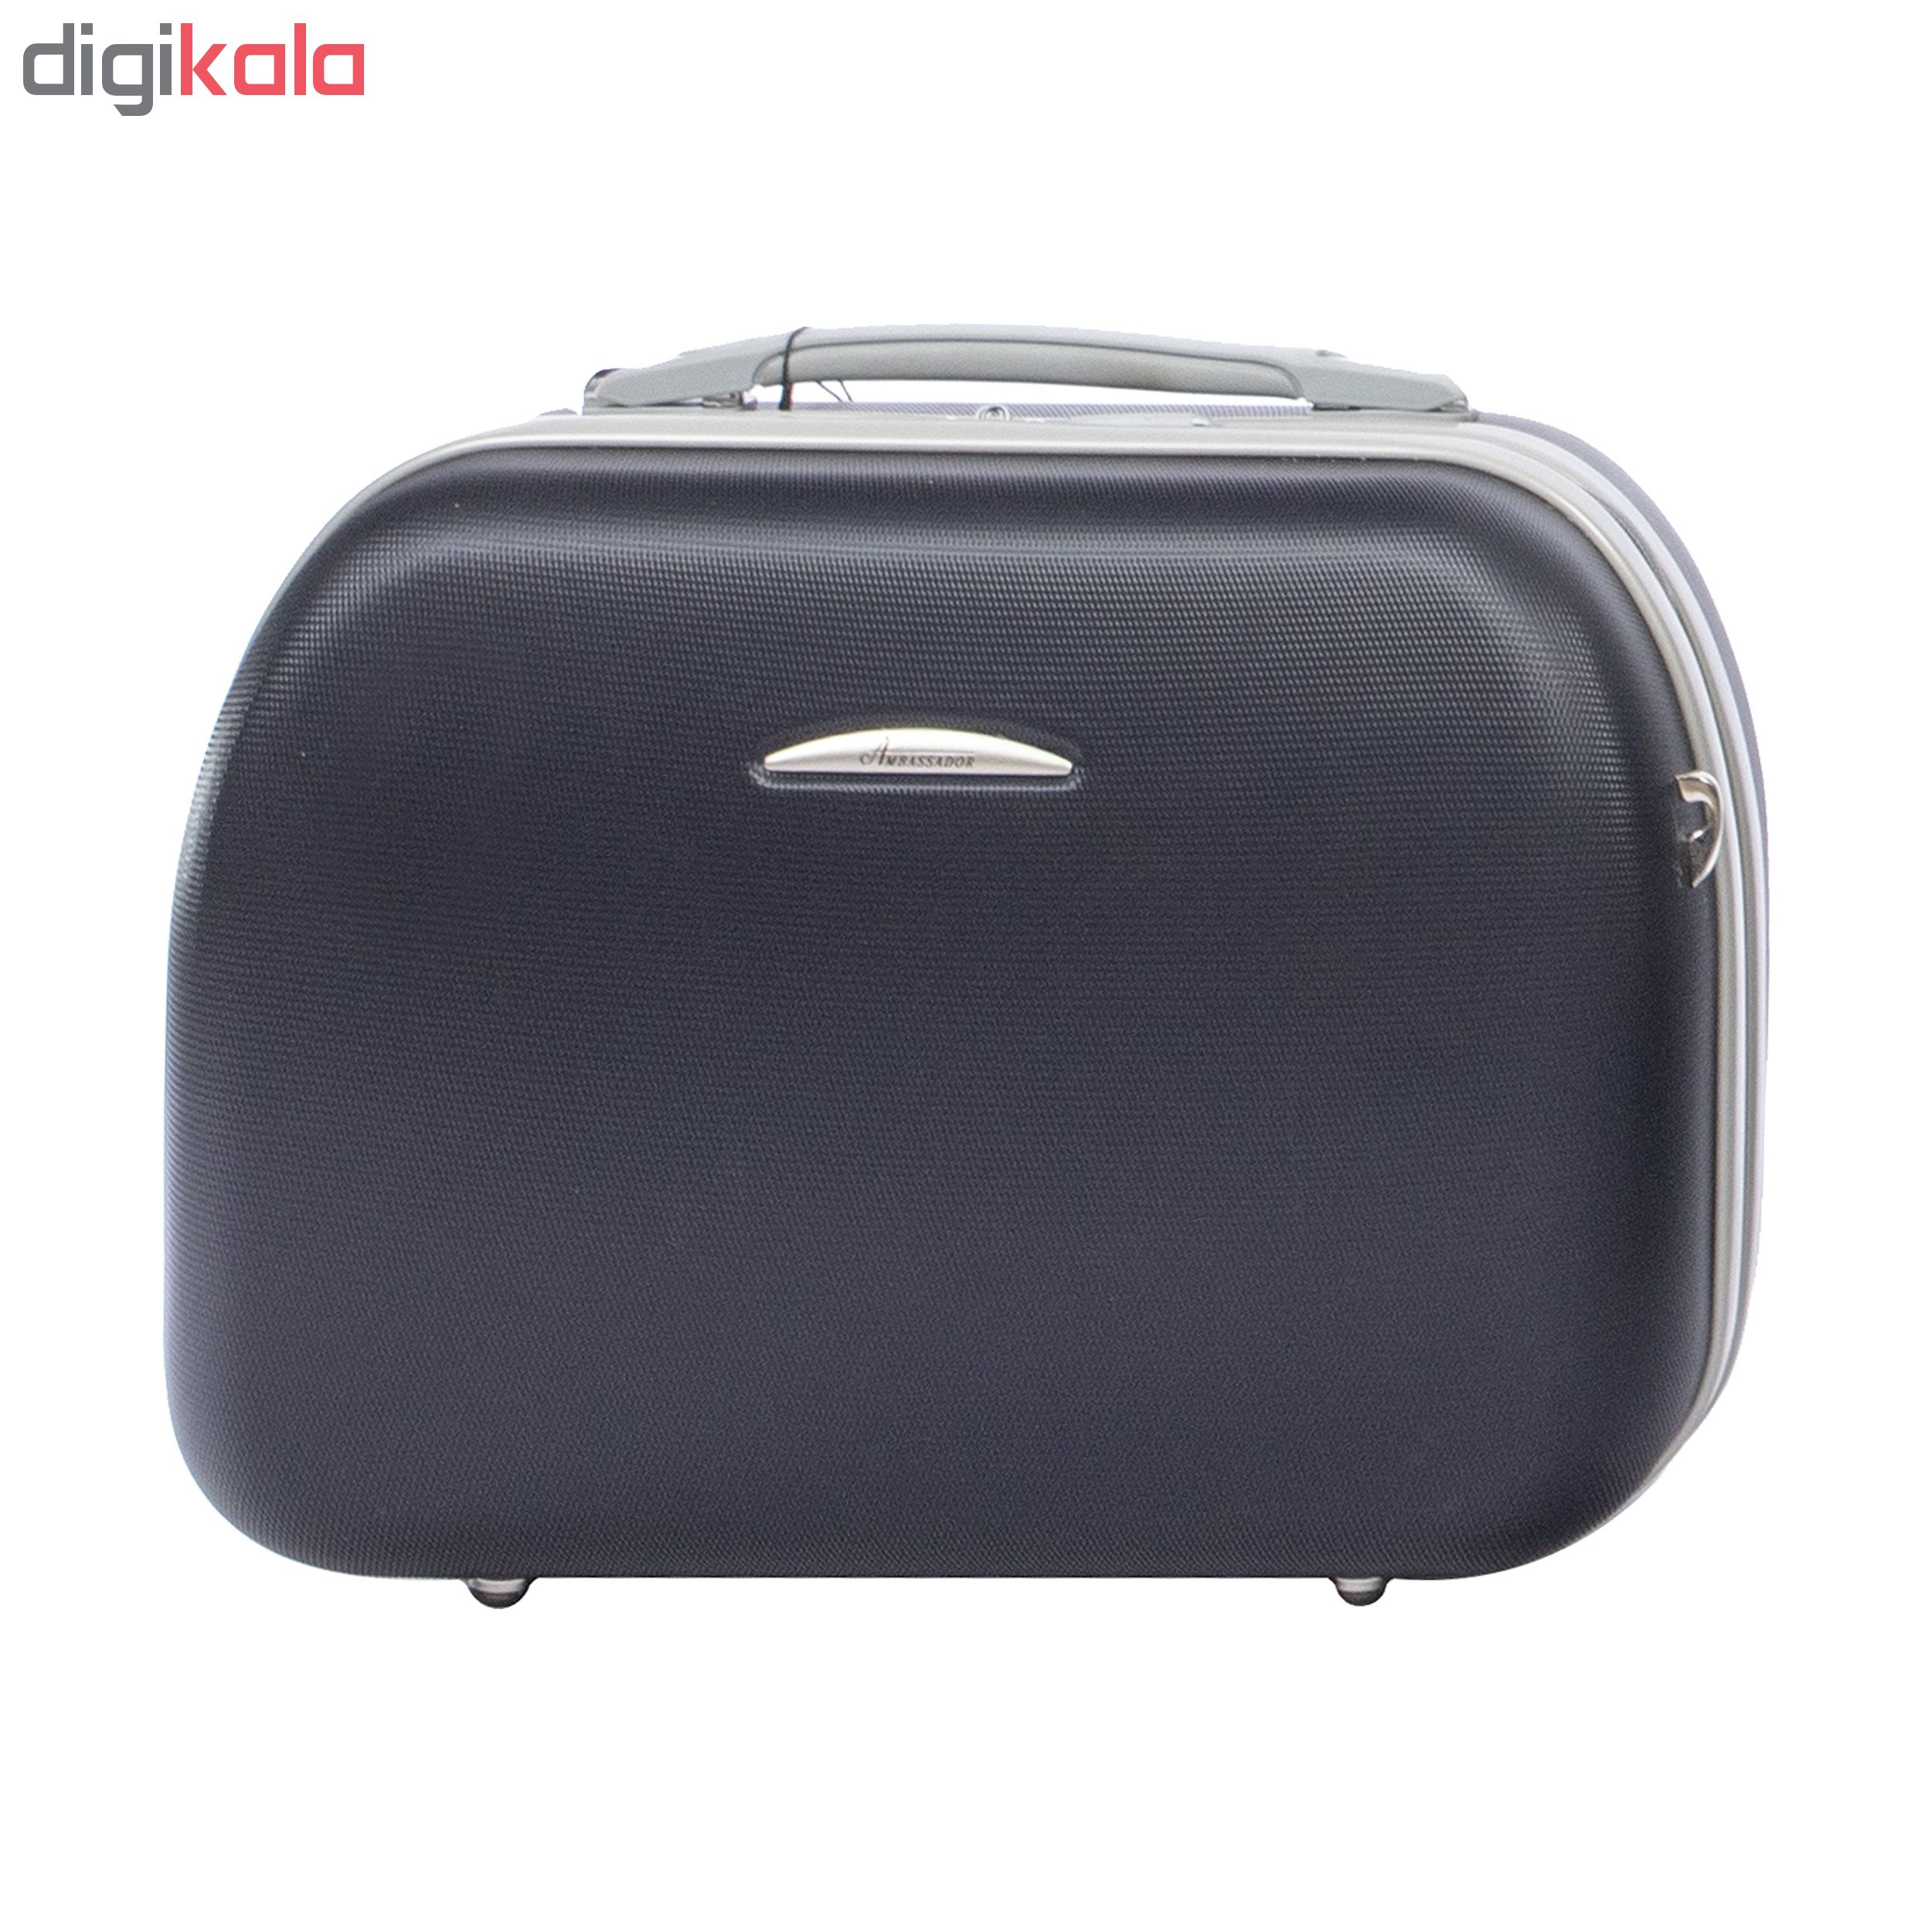 کیف لوازم شخصی سفری امباسادر مدل 1005